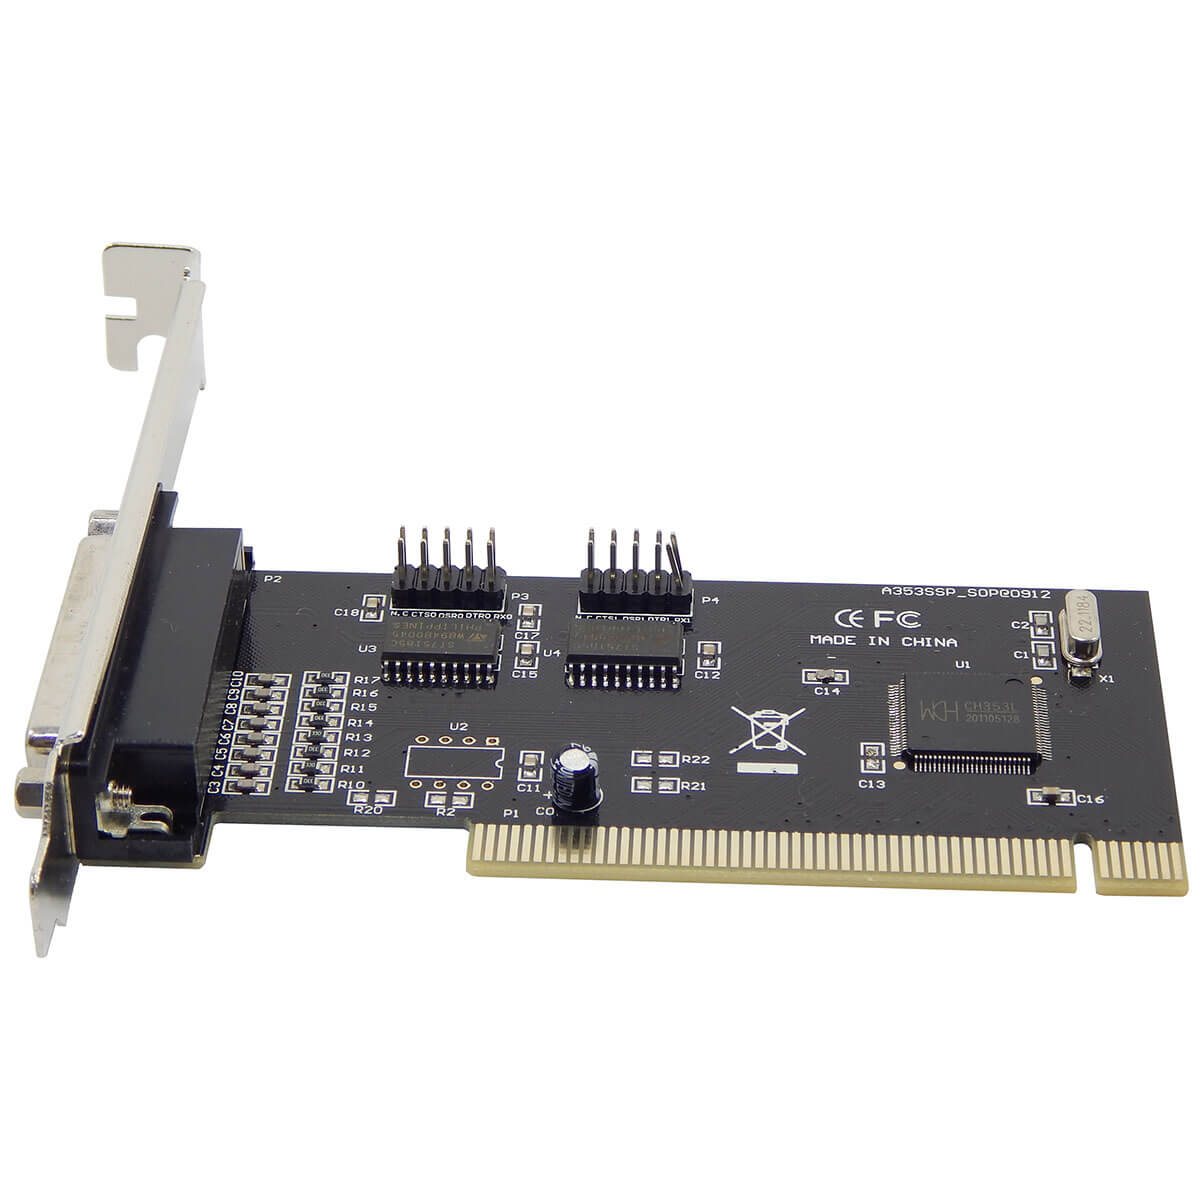 Placa Multi I/O com 2 Portas Paralelas e 1 Porta Controladora